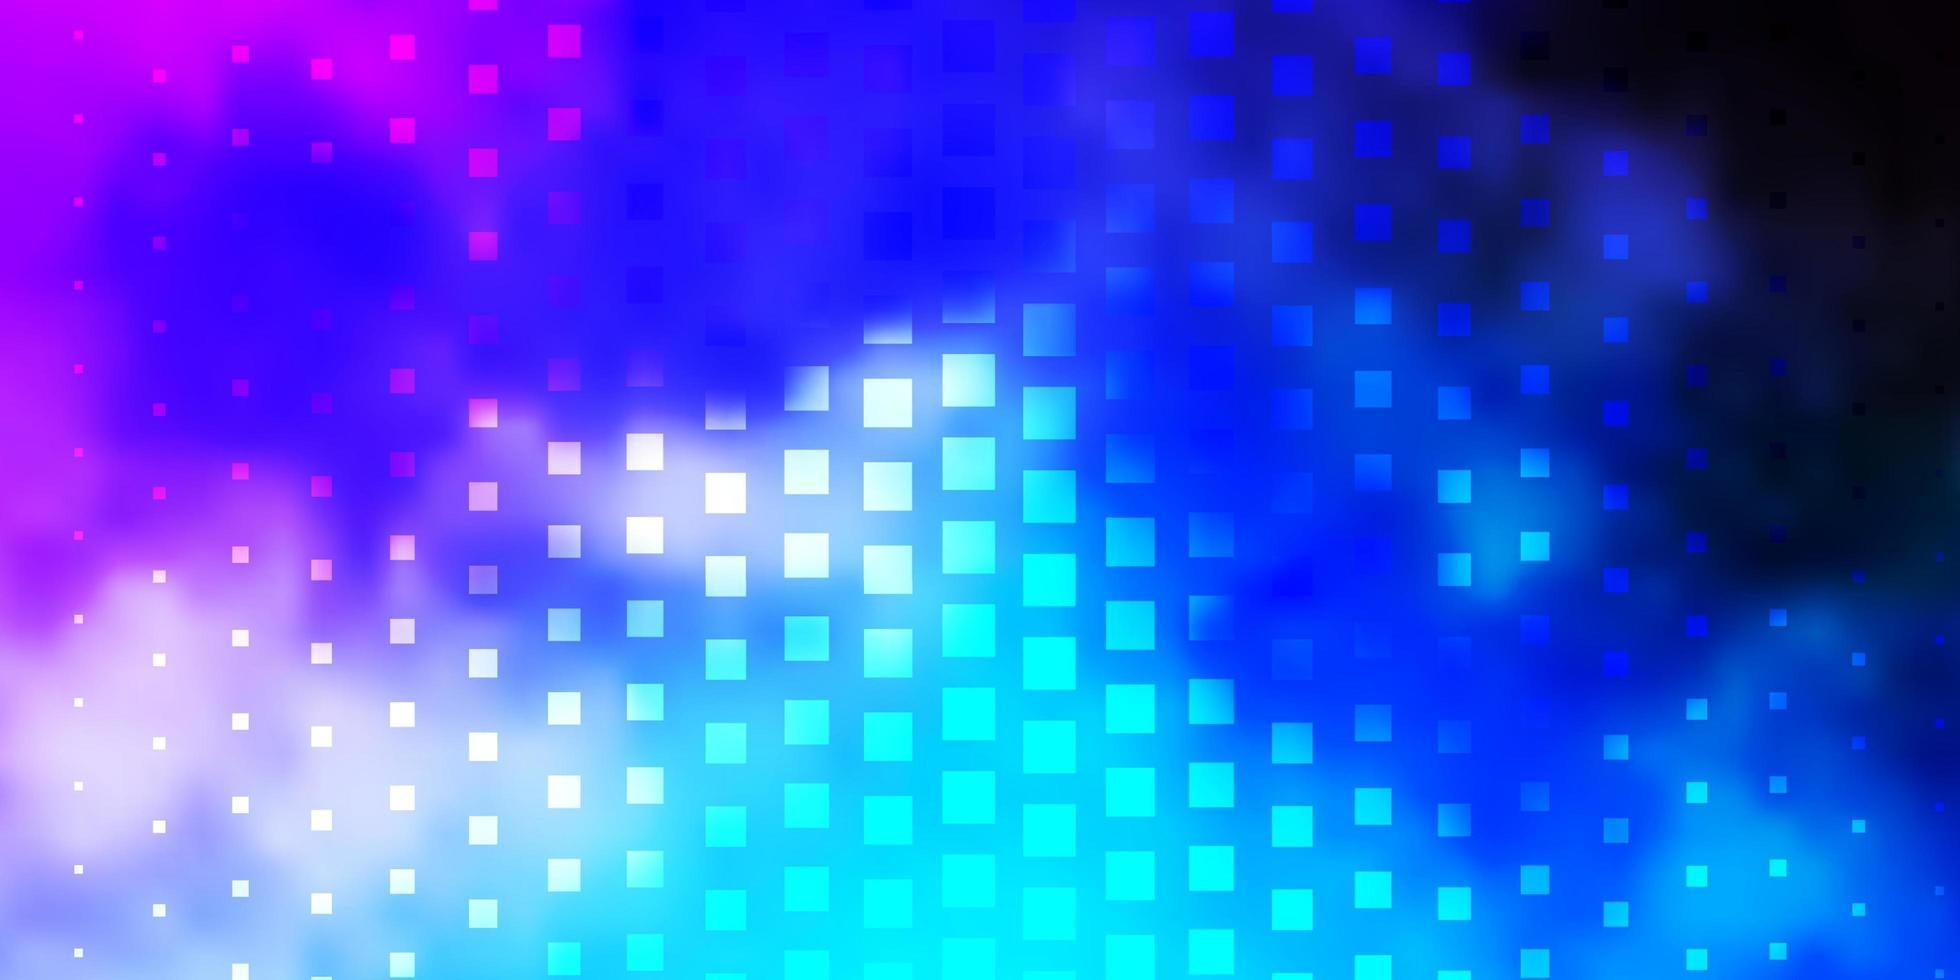 ljusrosa, blå vektorbakgrund i polygonal stil. vektor